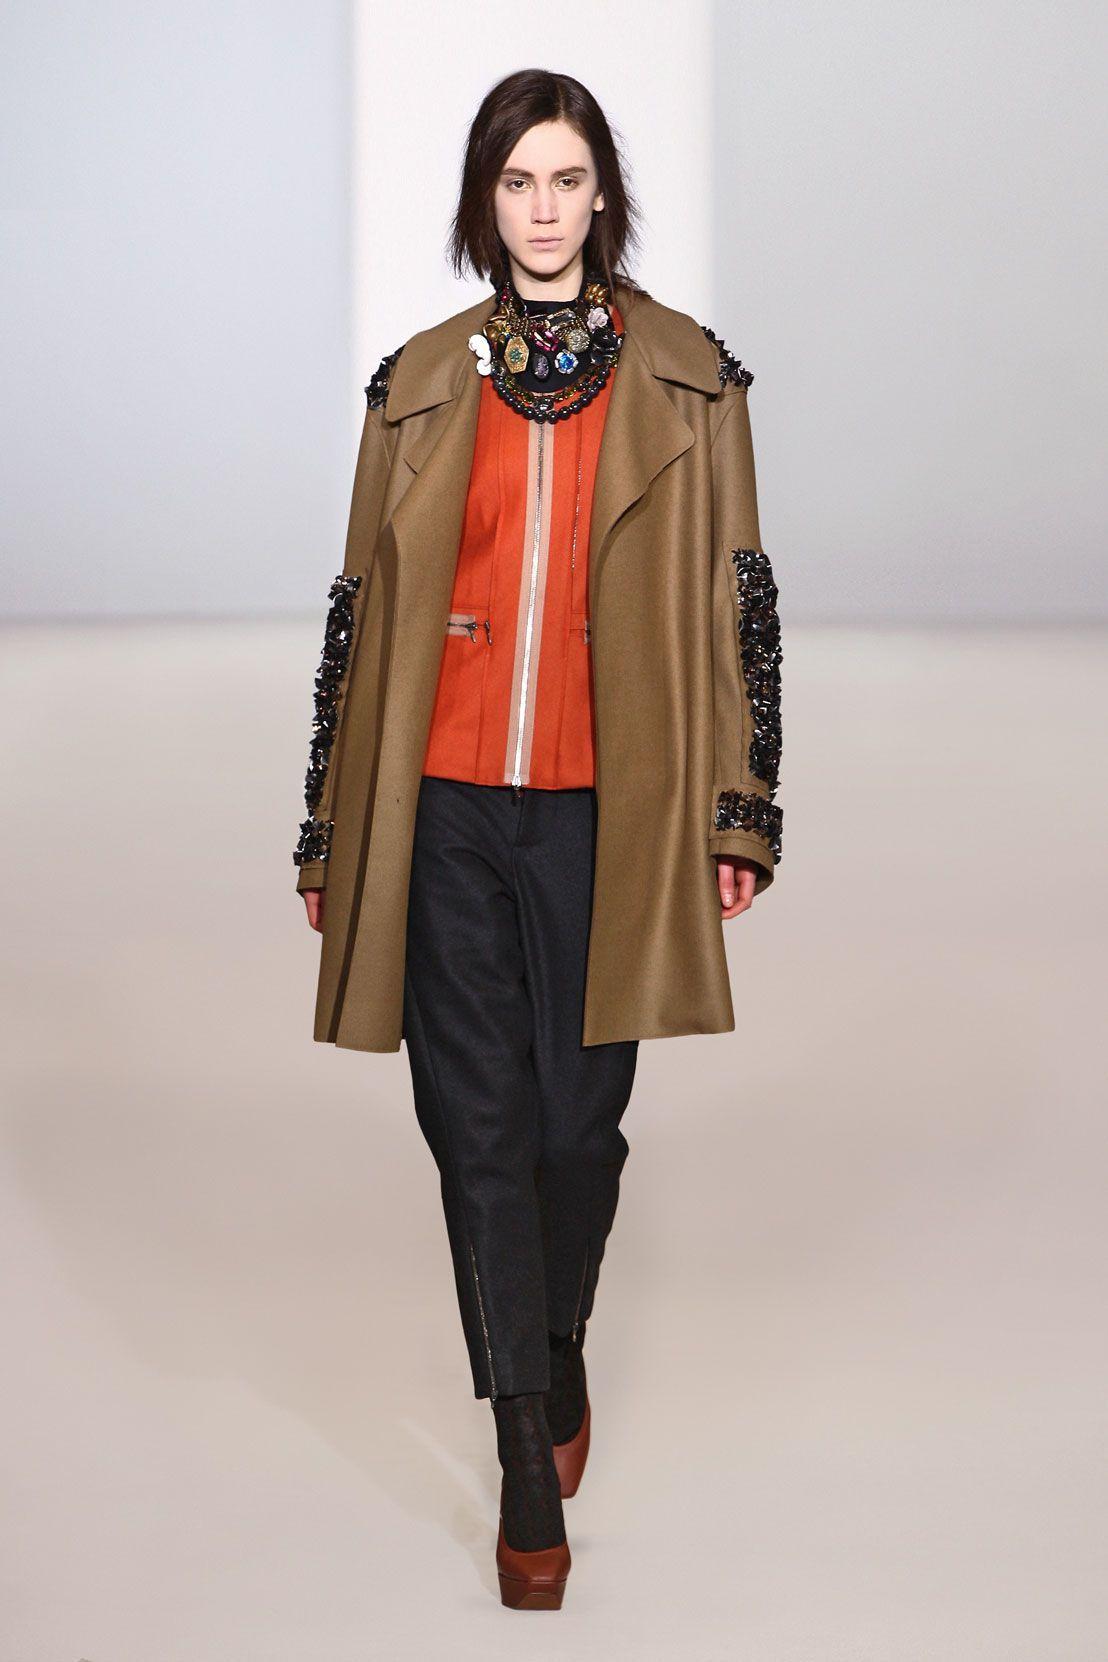 Marni Fall 2009 Ready-to-Wear by Consuelo Castiglioni